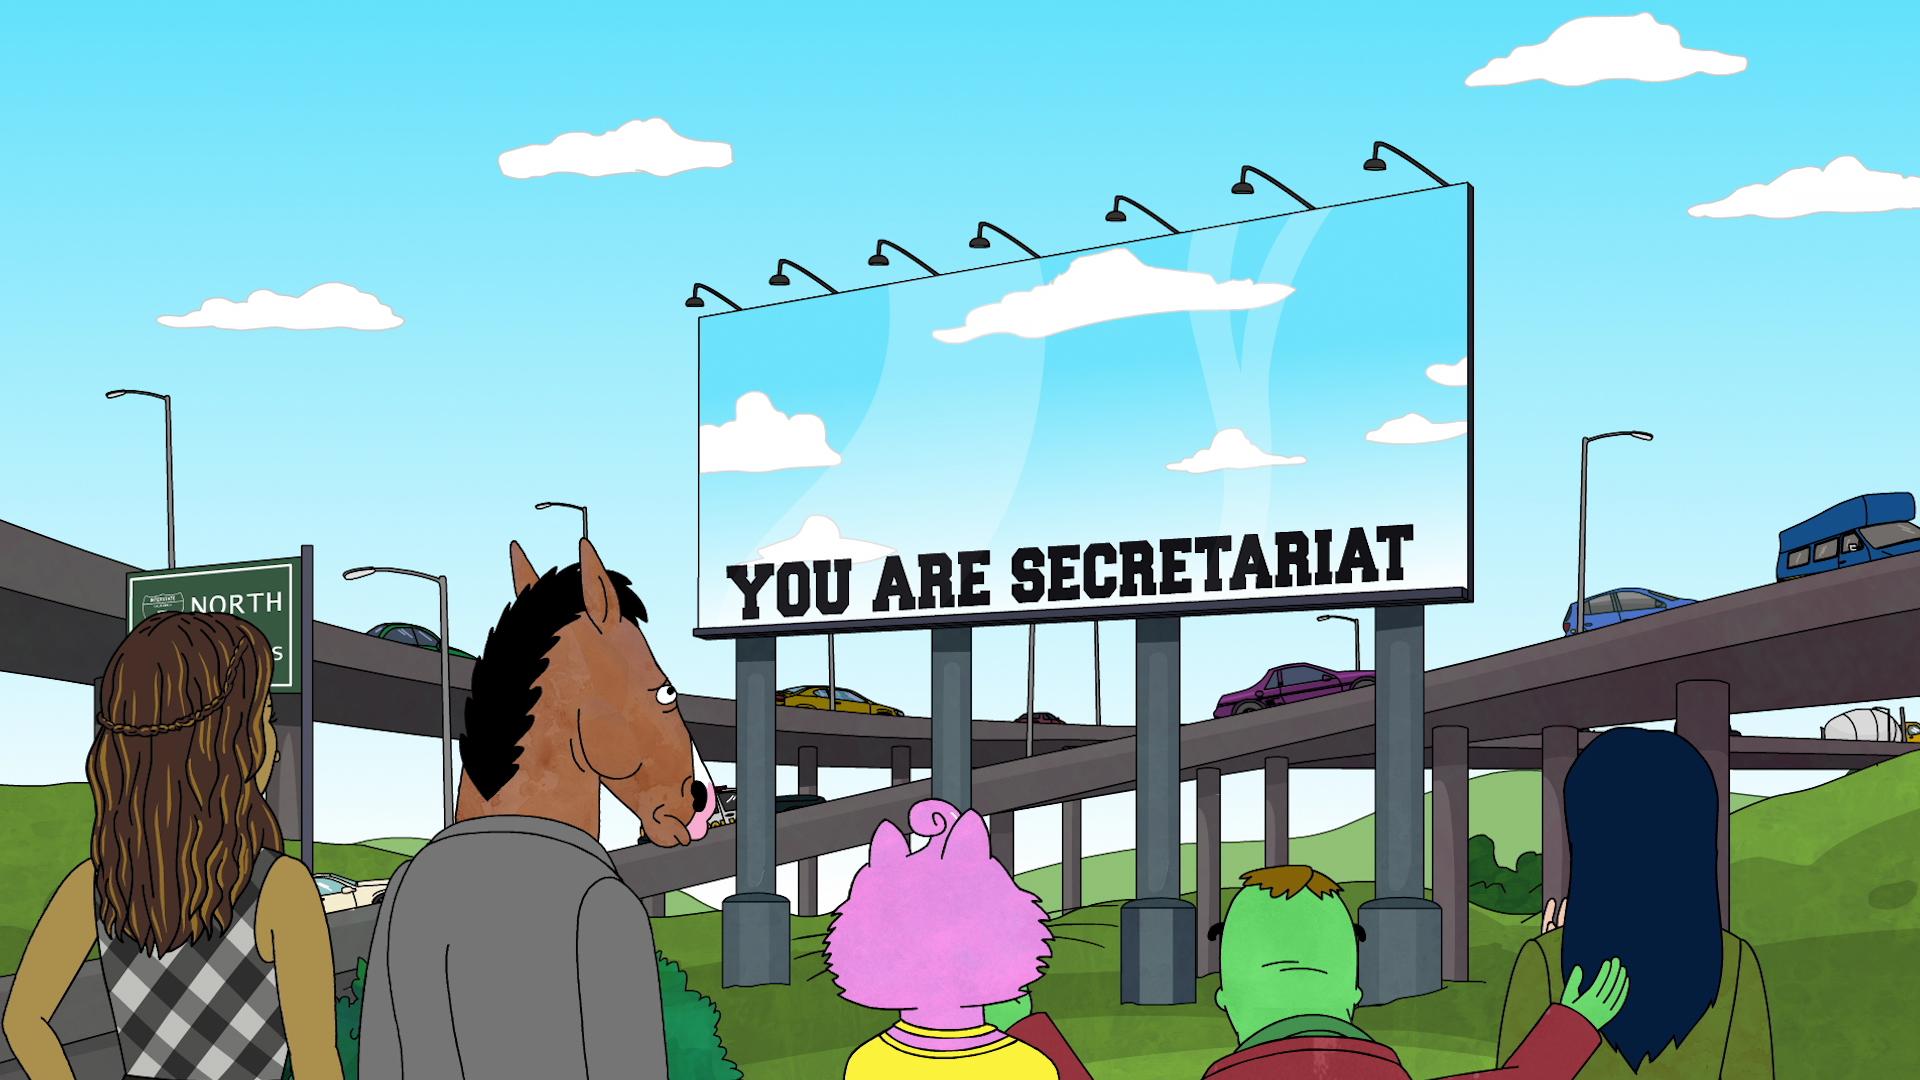 Secretariat campaign